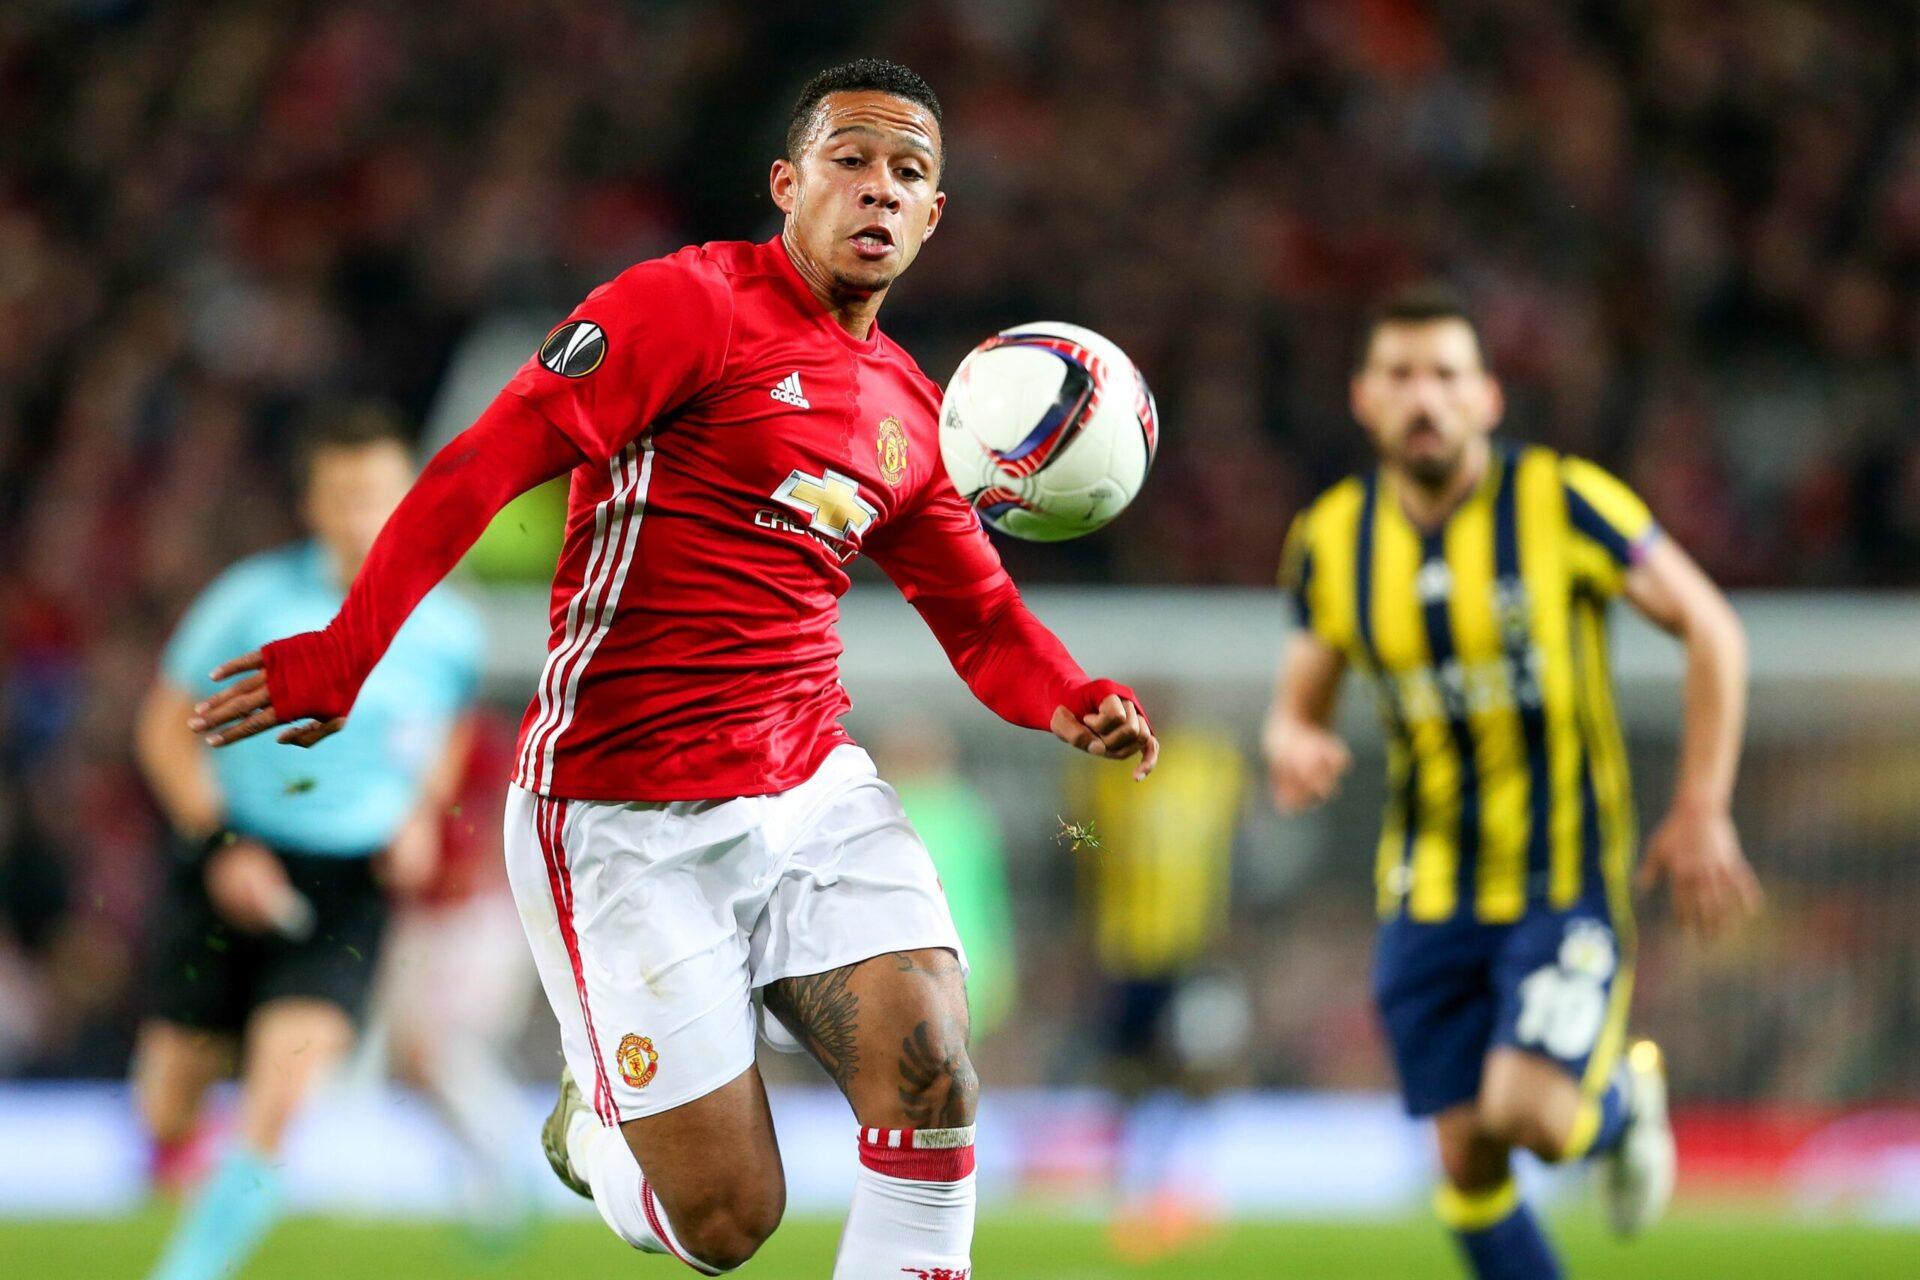 Memphis Depay portant les couleurs de Manchester United (Icon Sport)